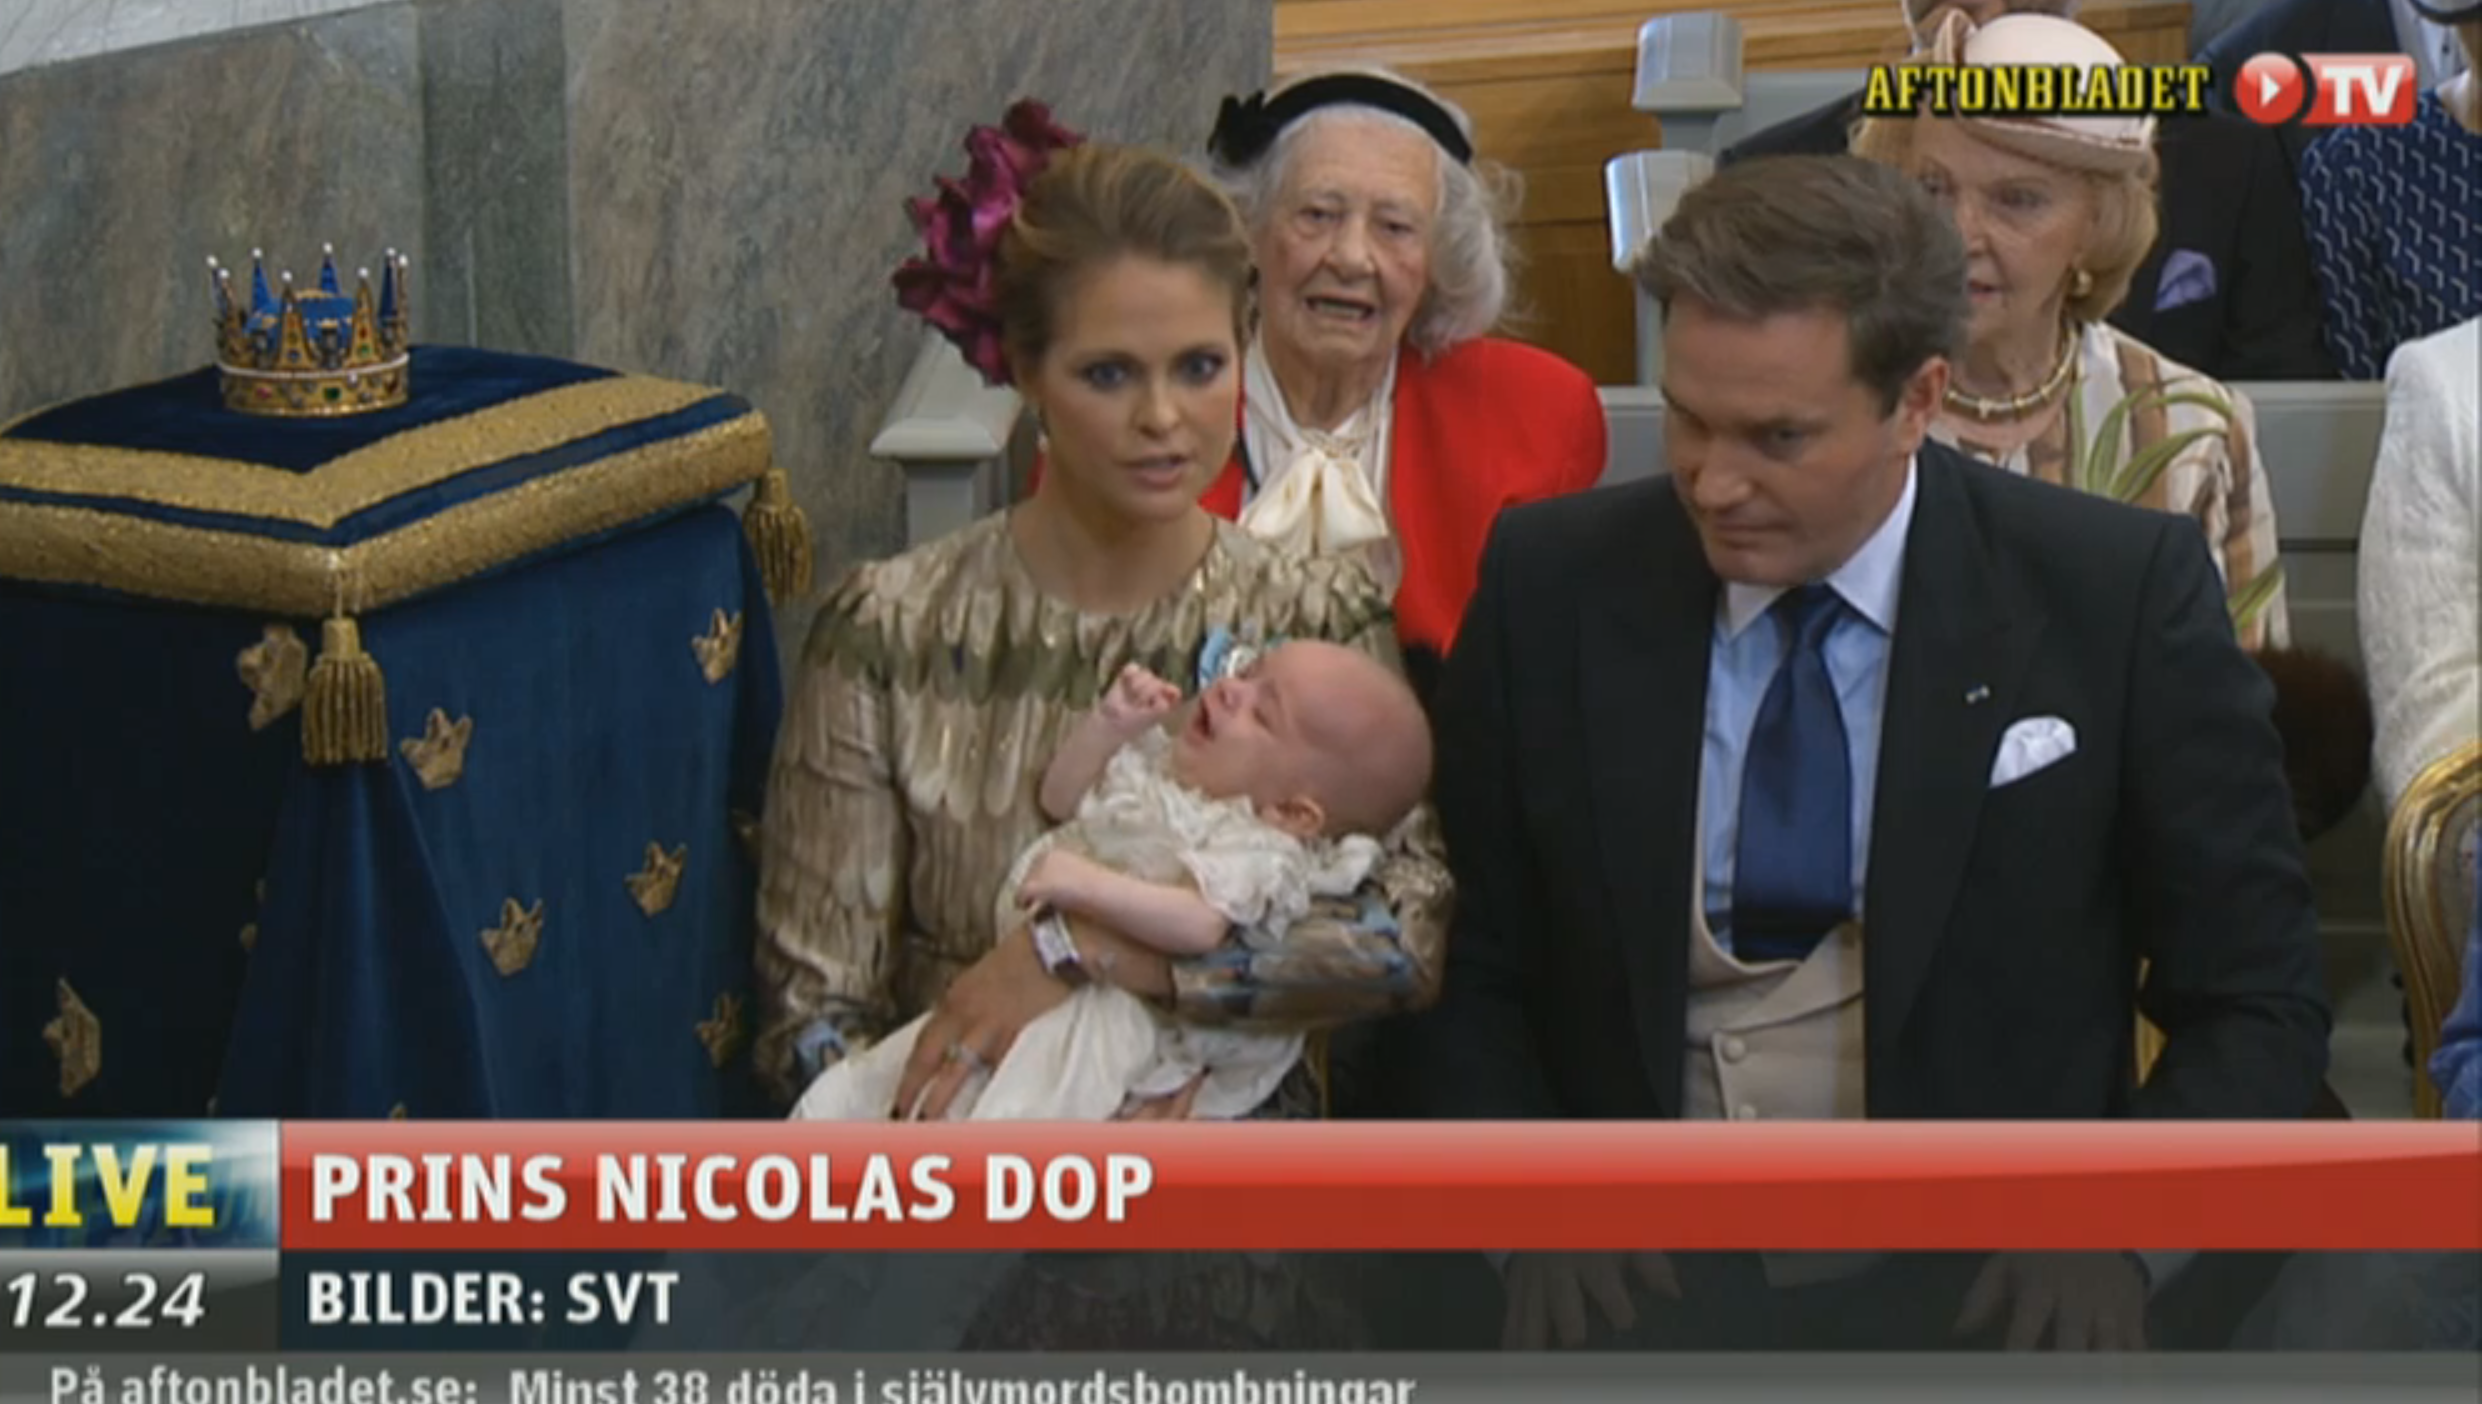 Prinsessan Madeleine försöker trösta lillprinsen.